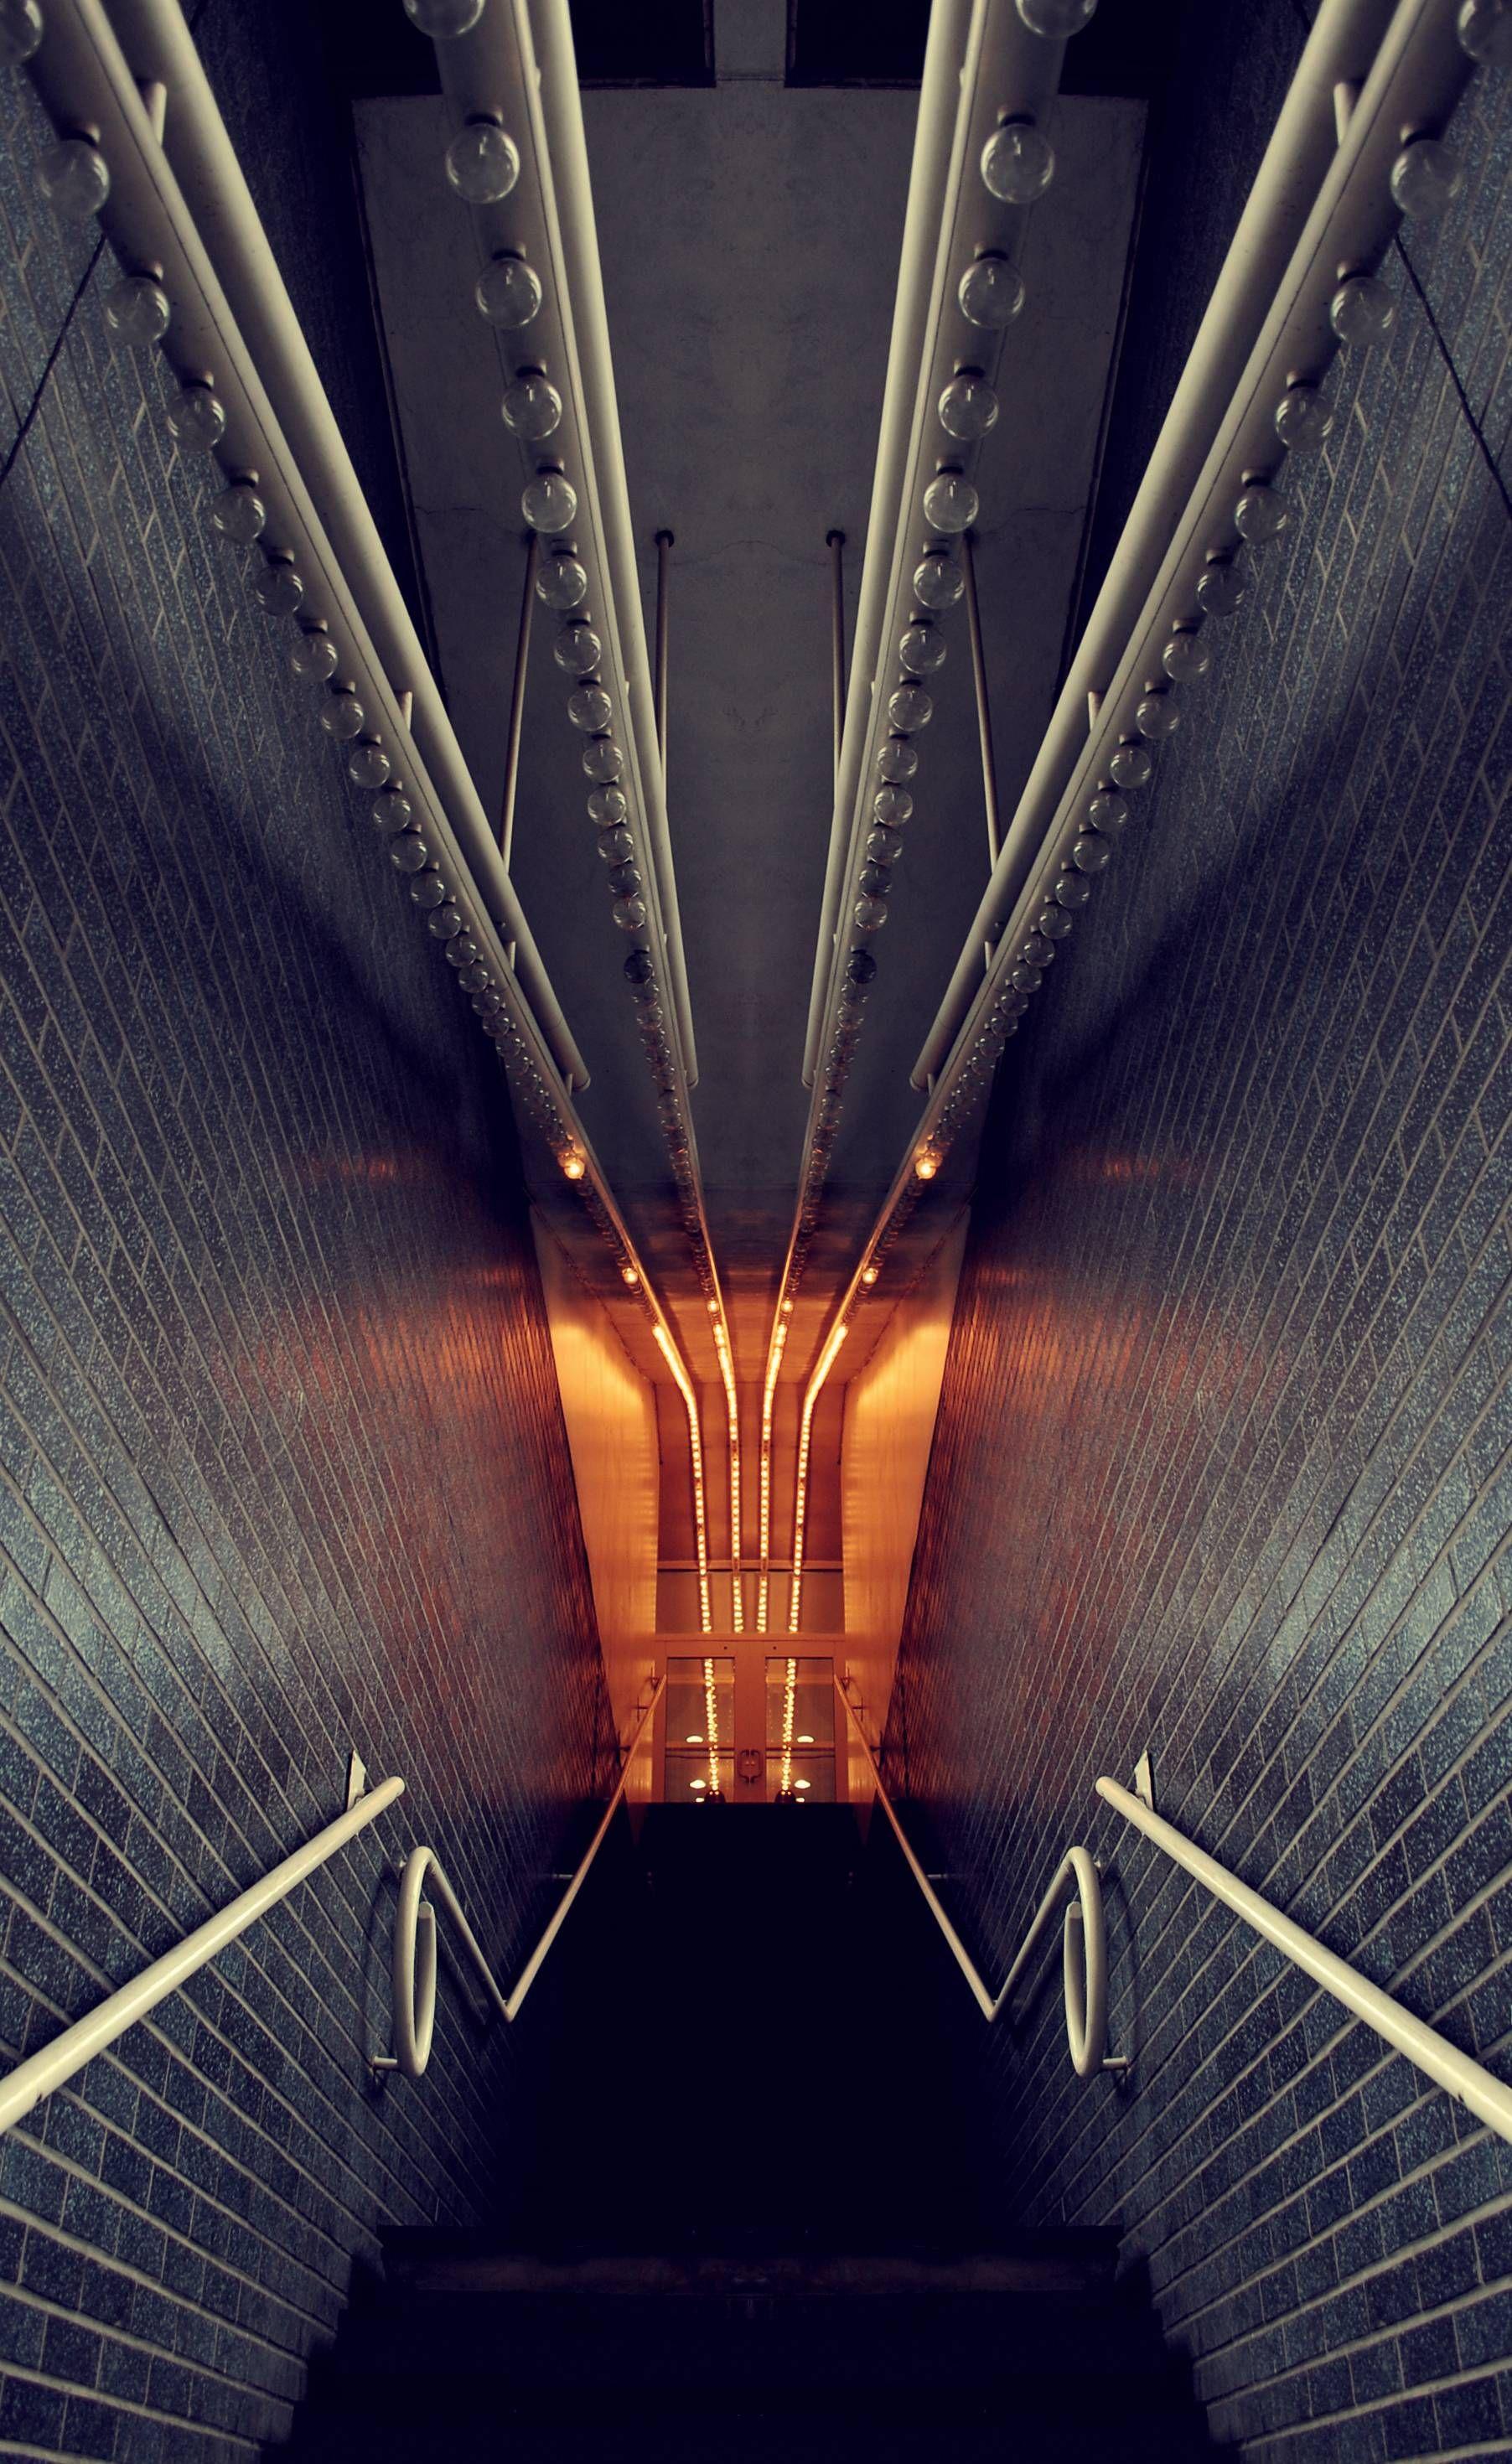 Stairway in Atlanta - http://ubikdesigns.com/